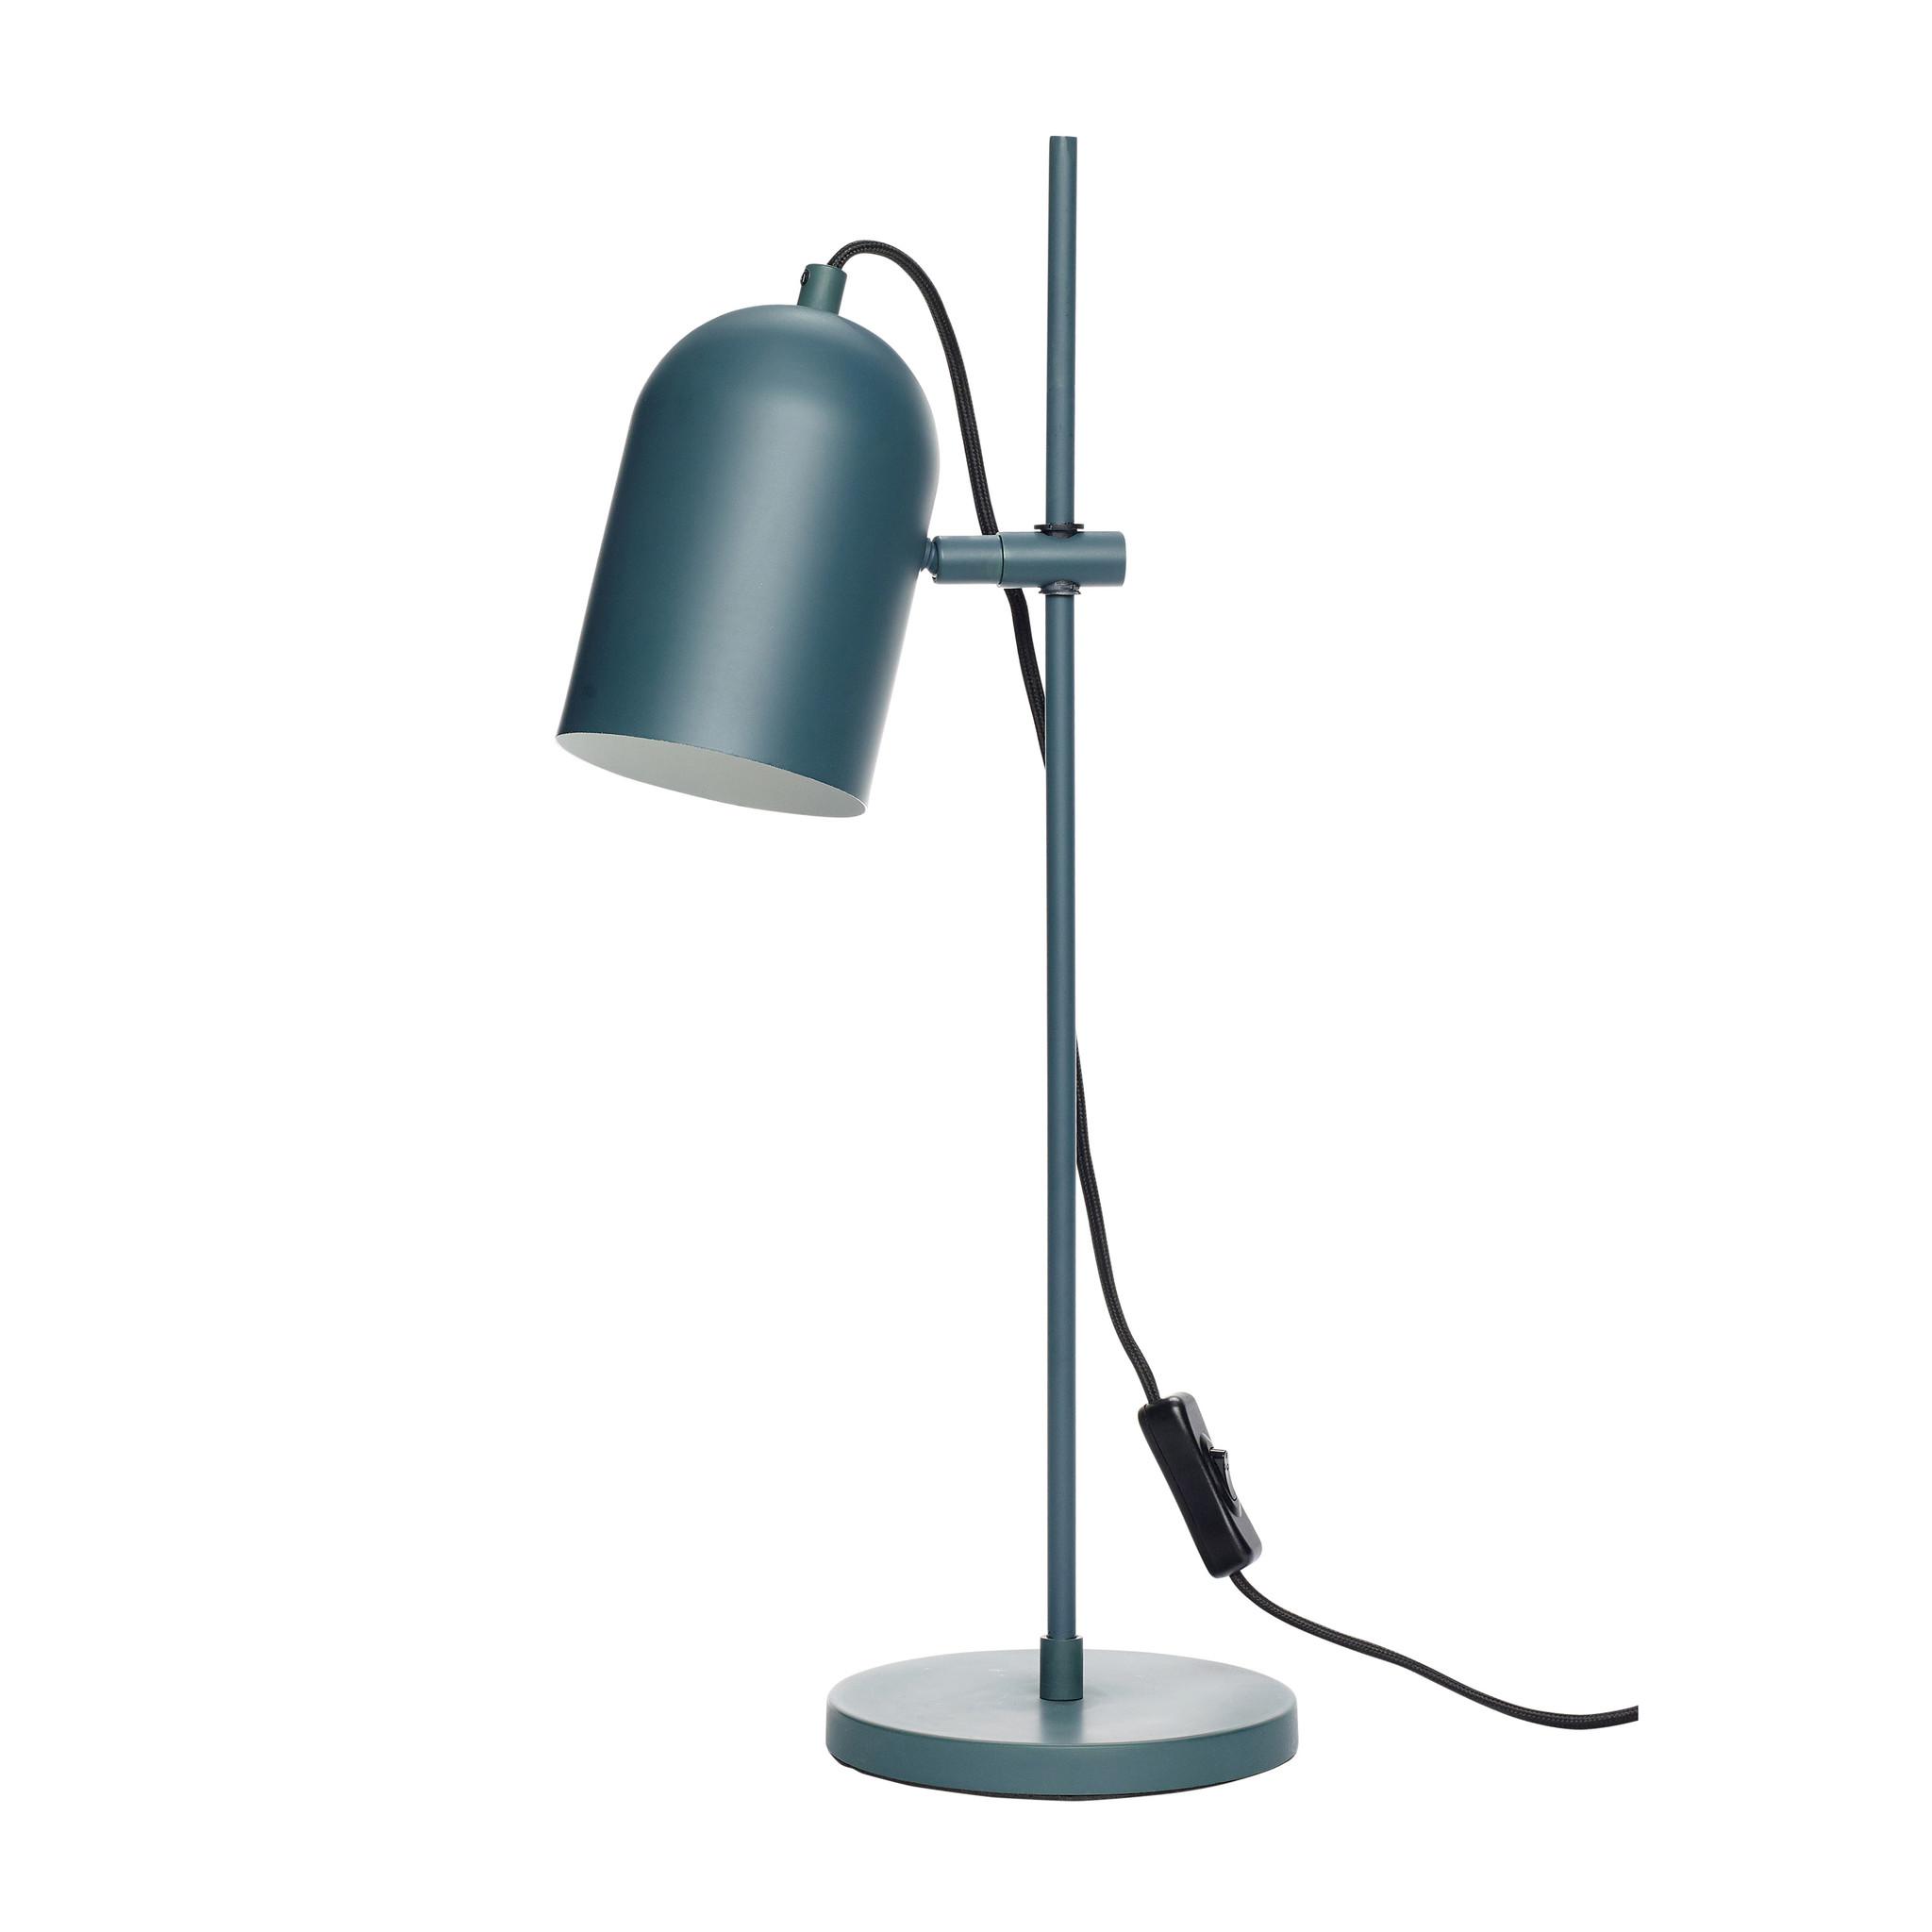 Hubsch Tafellamp, metaal, groen